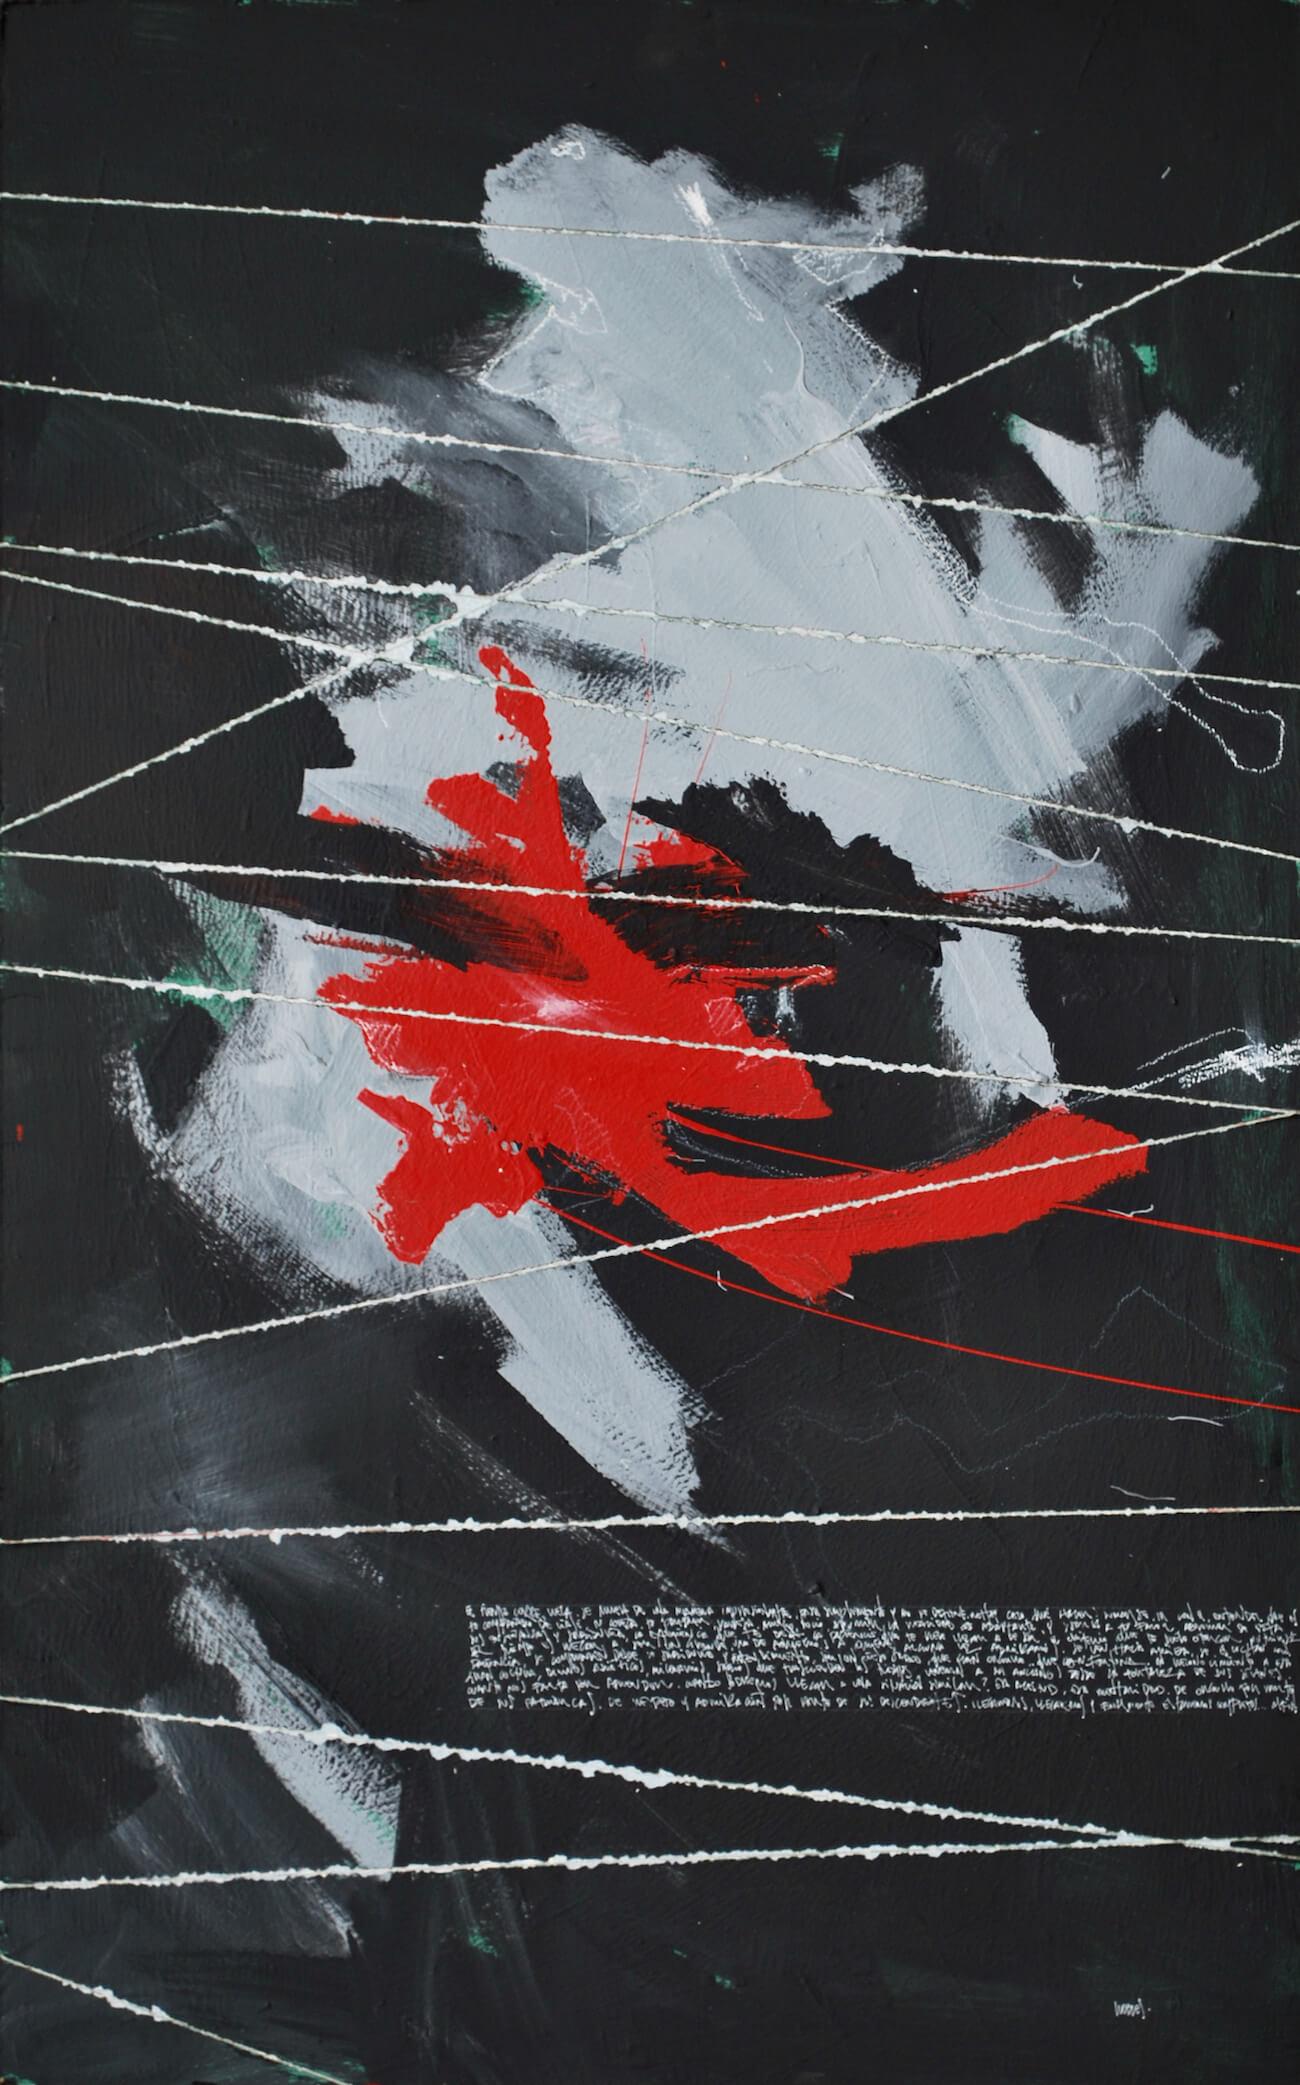 RUDOLF, 2018, acrylic, 122 x 76 cm, $800 US